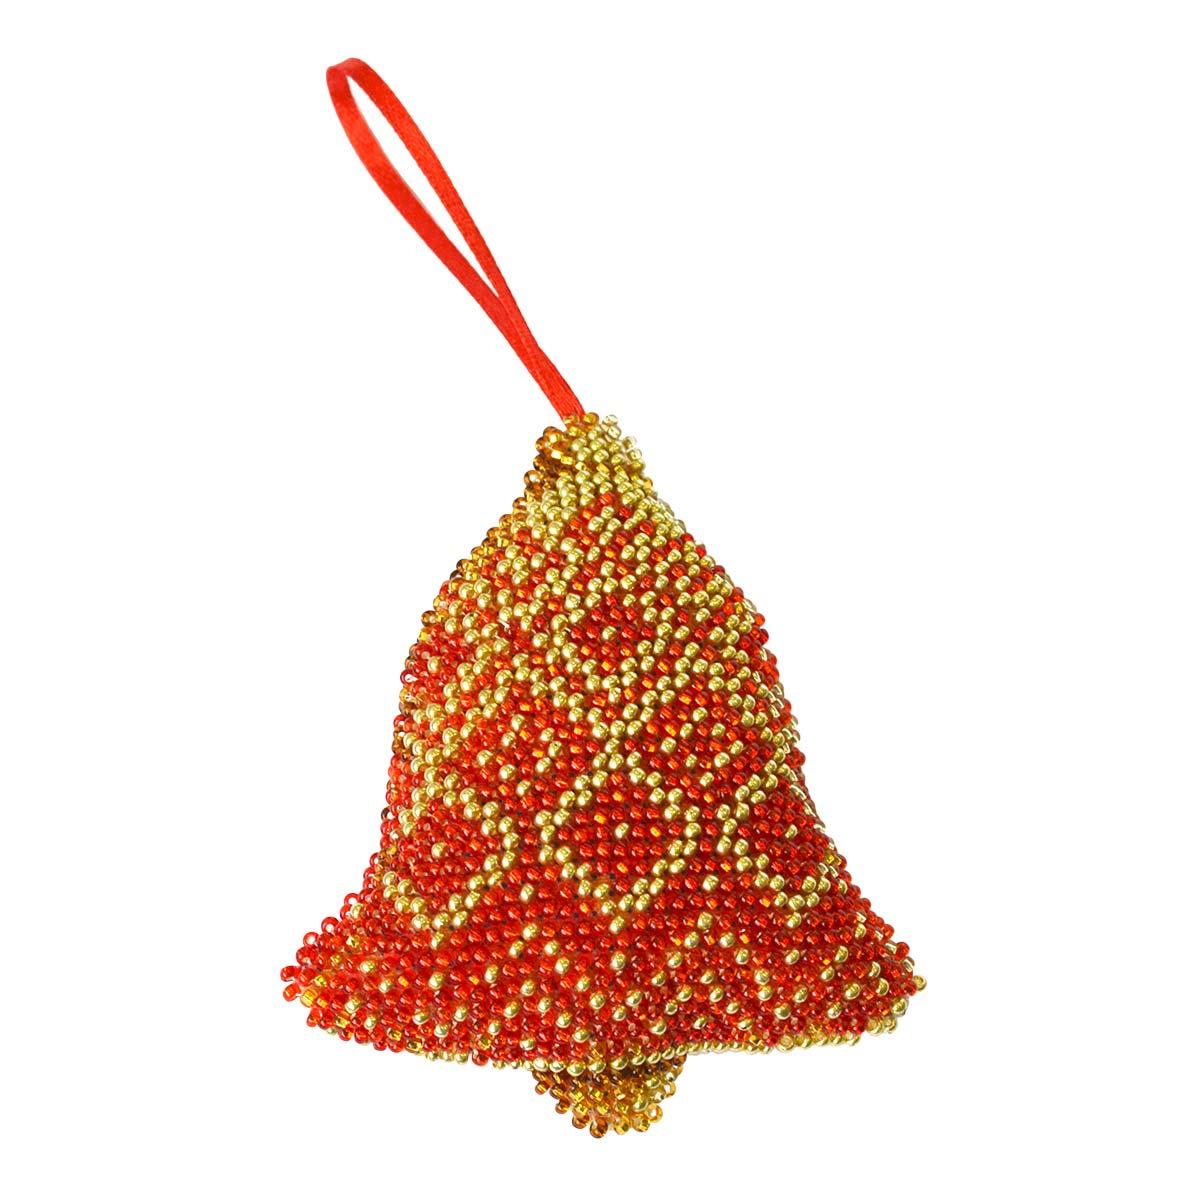 БИ-104 Набор для вышивания бисером'Созвездие'. Новогодняя игрушка 'Красный колокольчик'9,5*8см